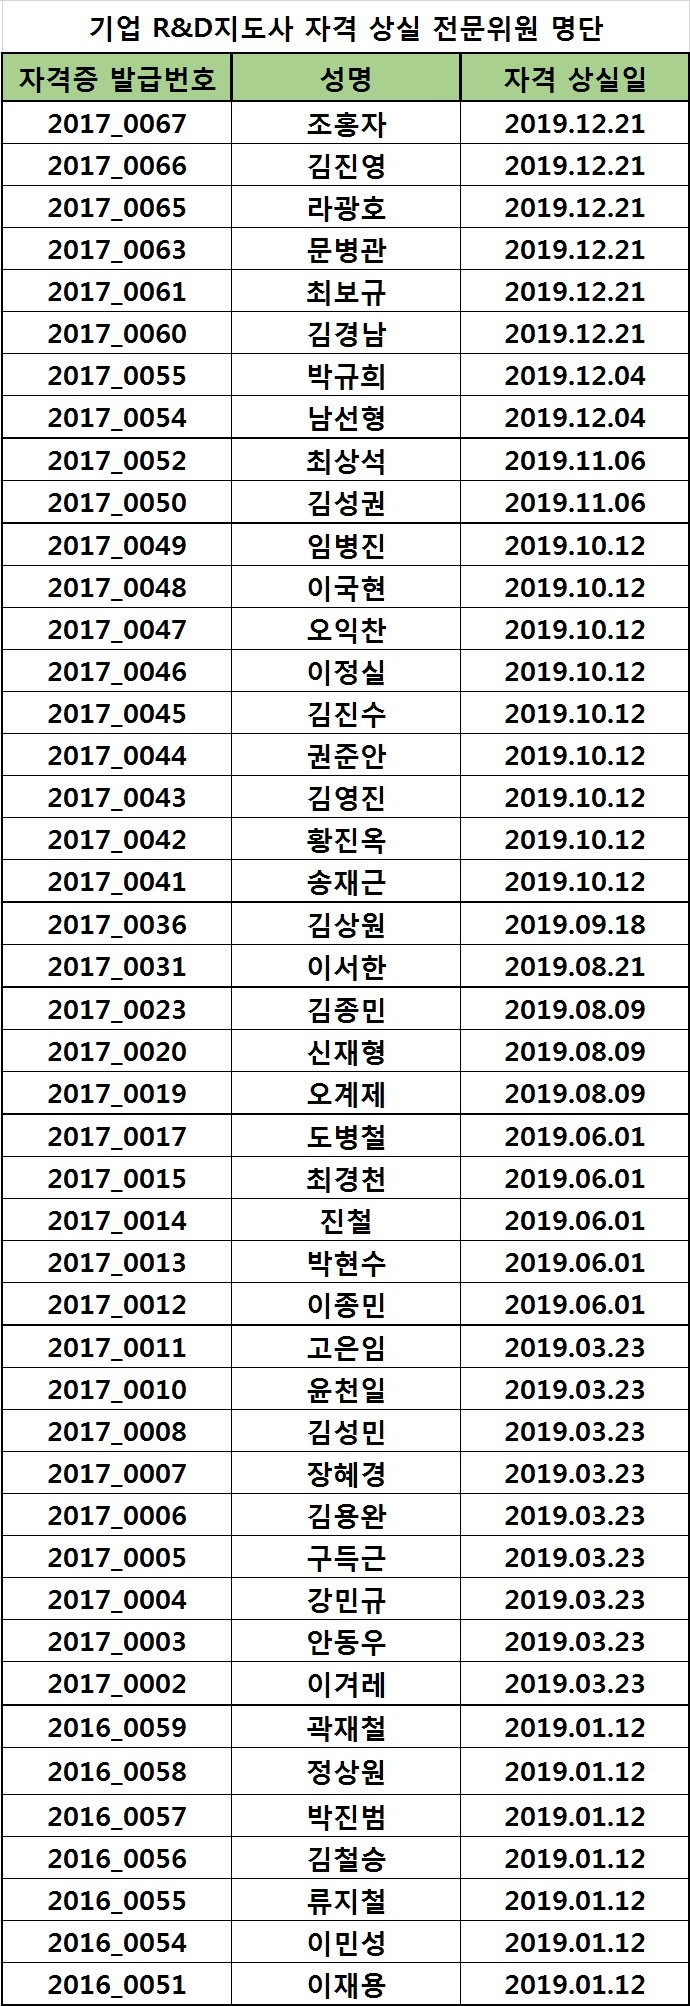 2019년도 지도사 자격 상실 위원 명단_03.23